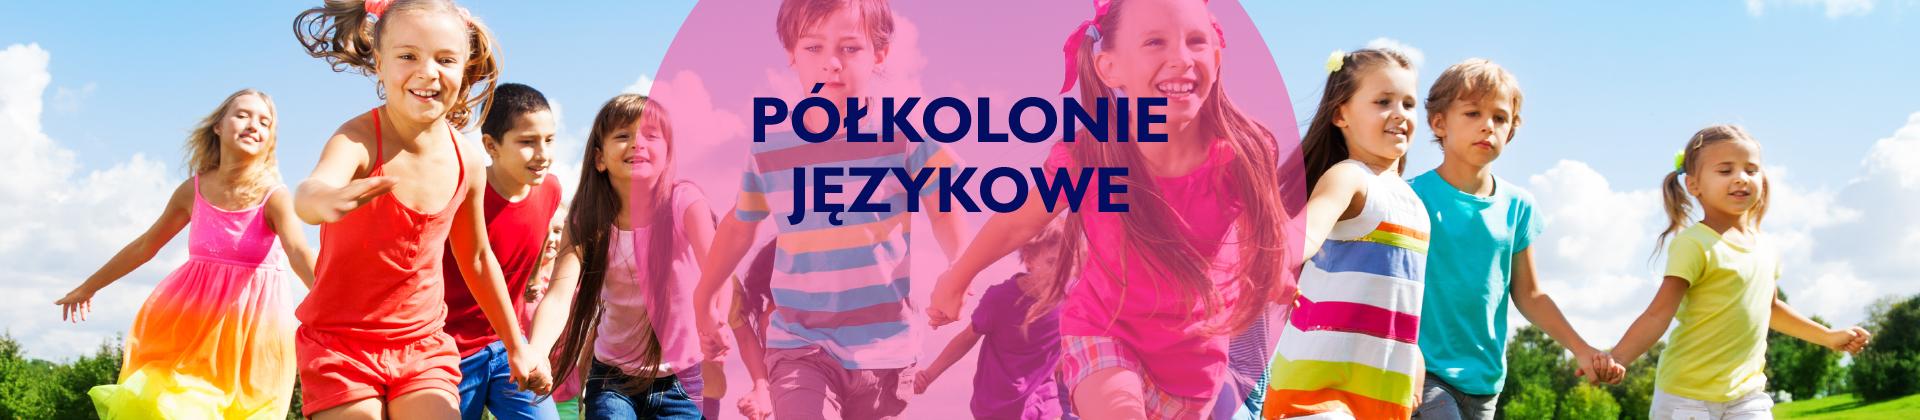 banner polkolonie